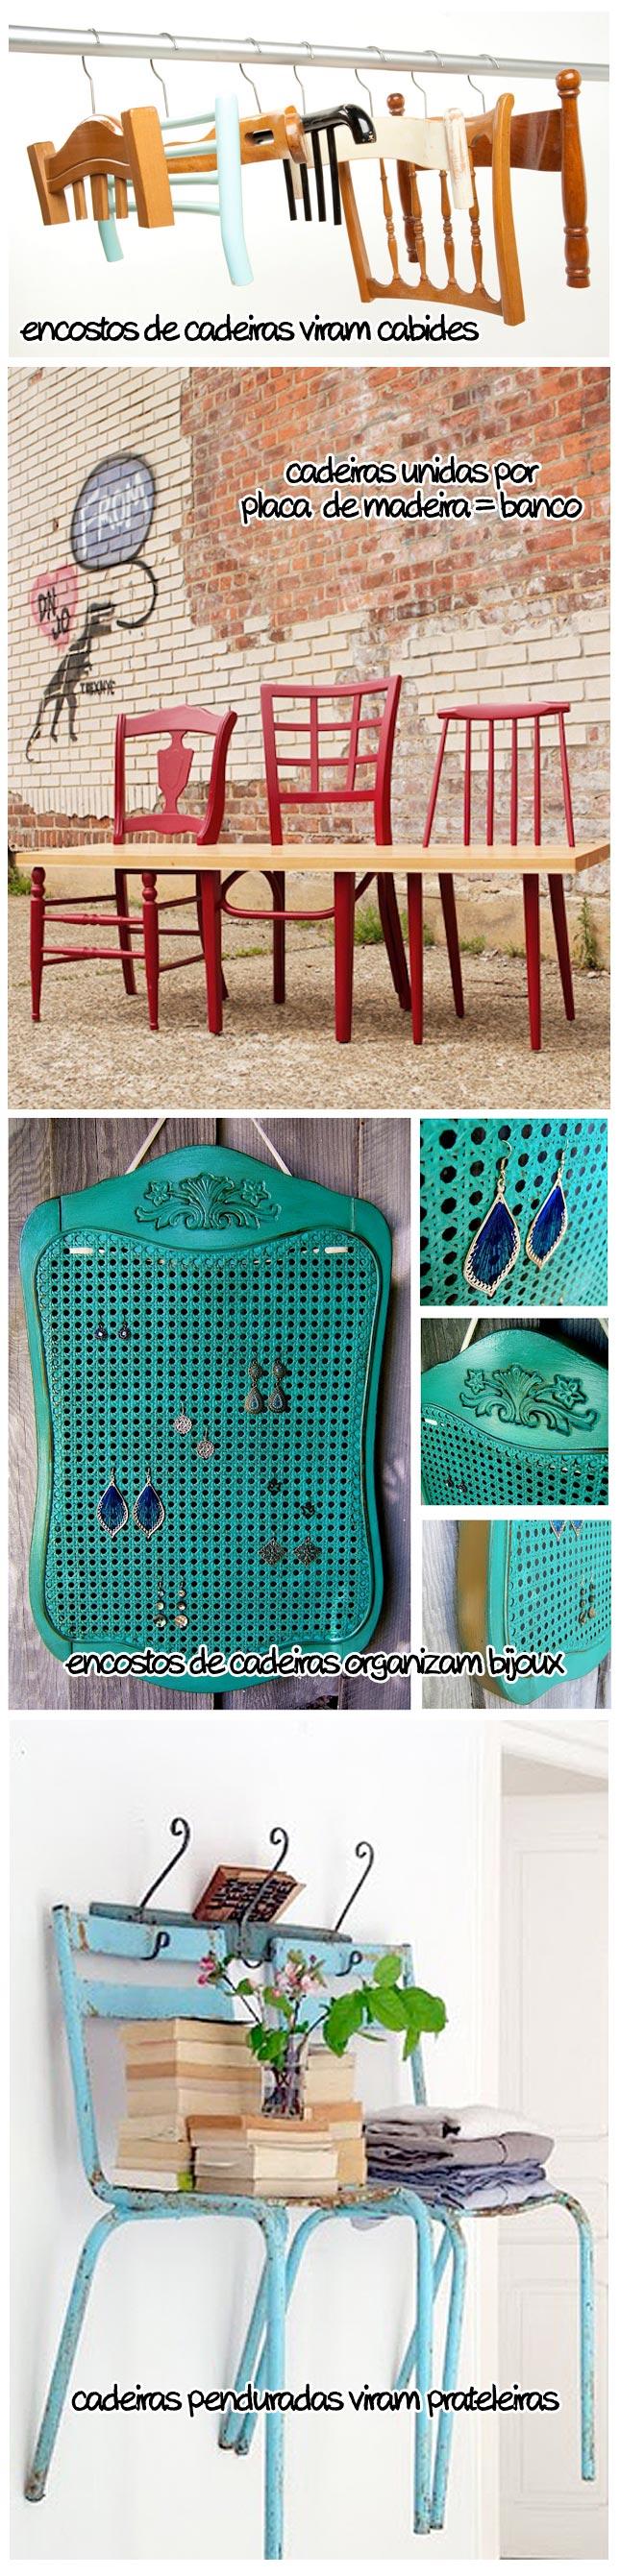 _1-blog-decoradornet-cadeiras-reutilizadas-2